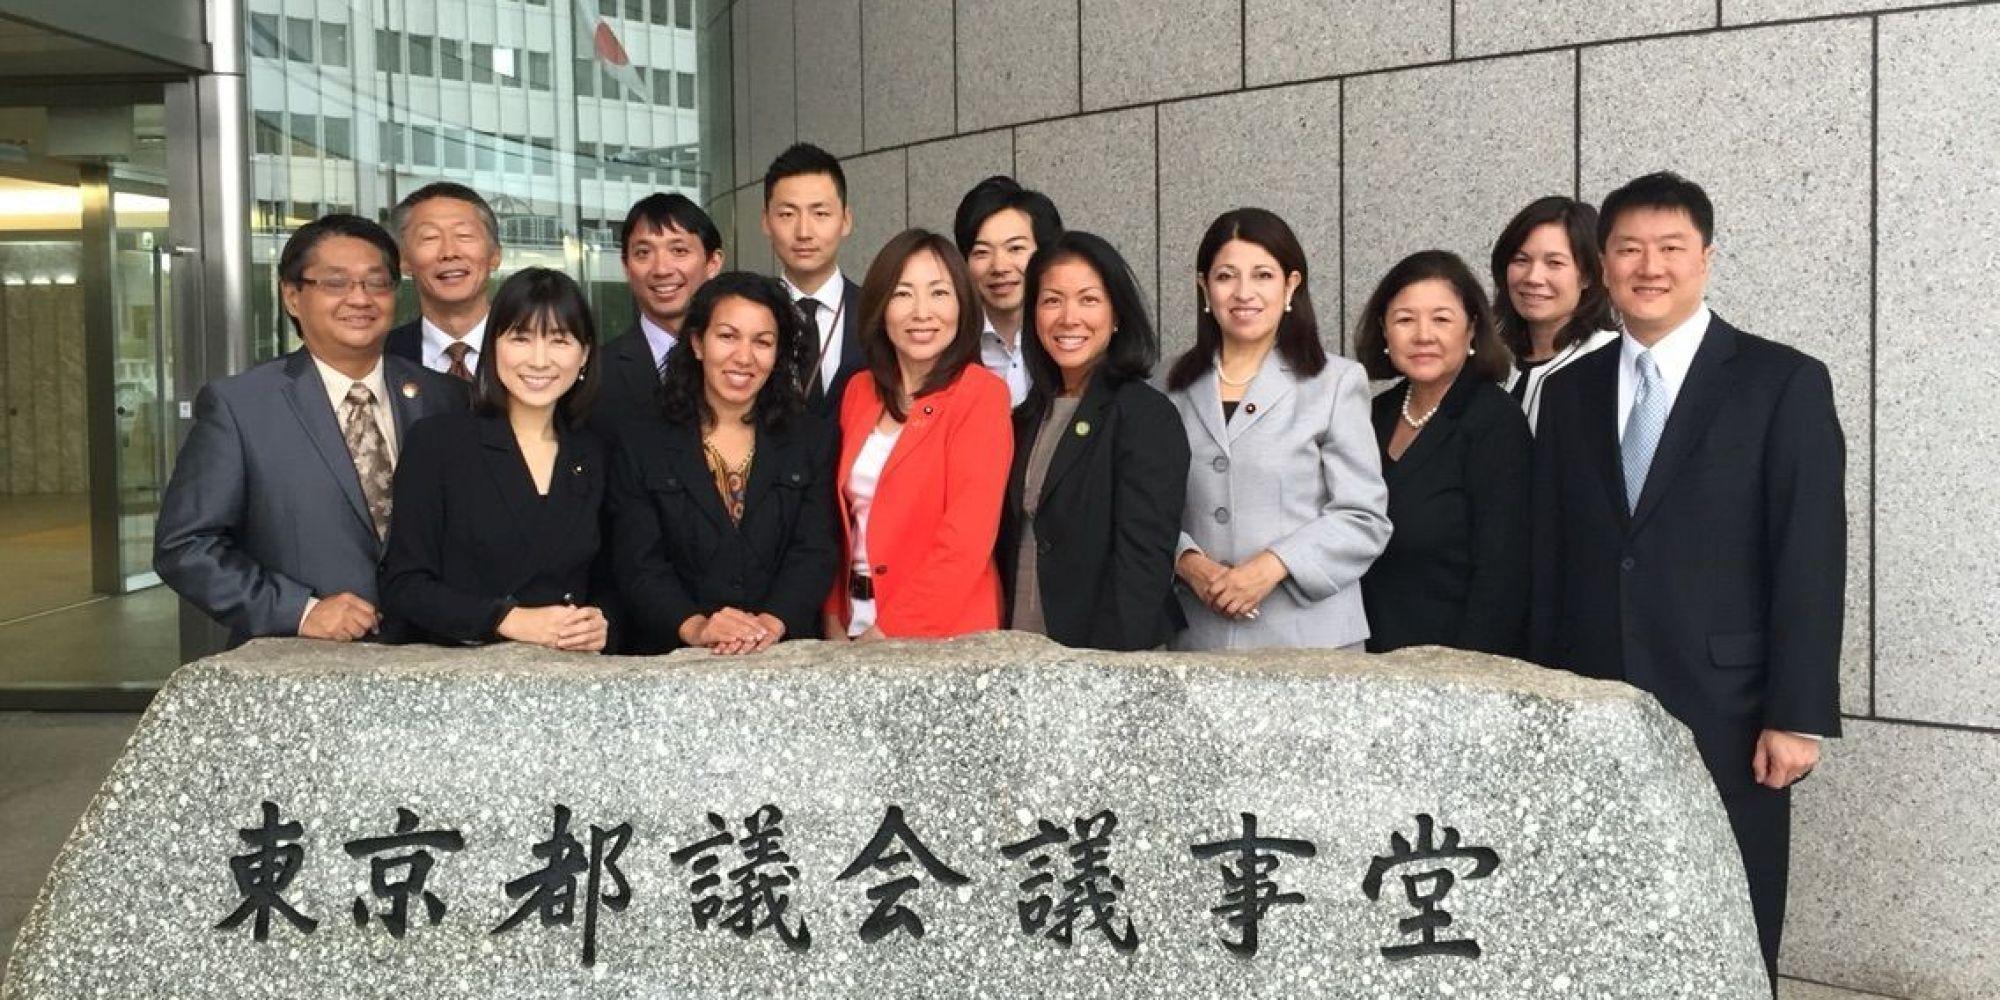 東京都議会第三回定例会を振り返って シェア ツイート 東京都議会第三回定例会を振り返って&